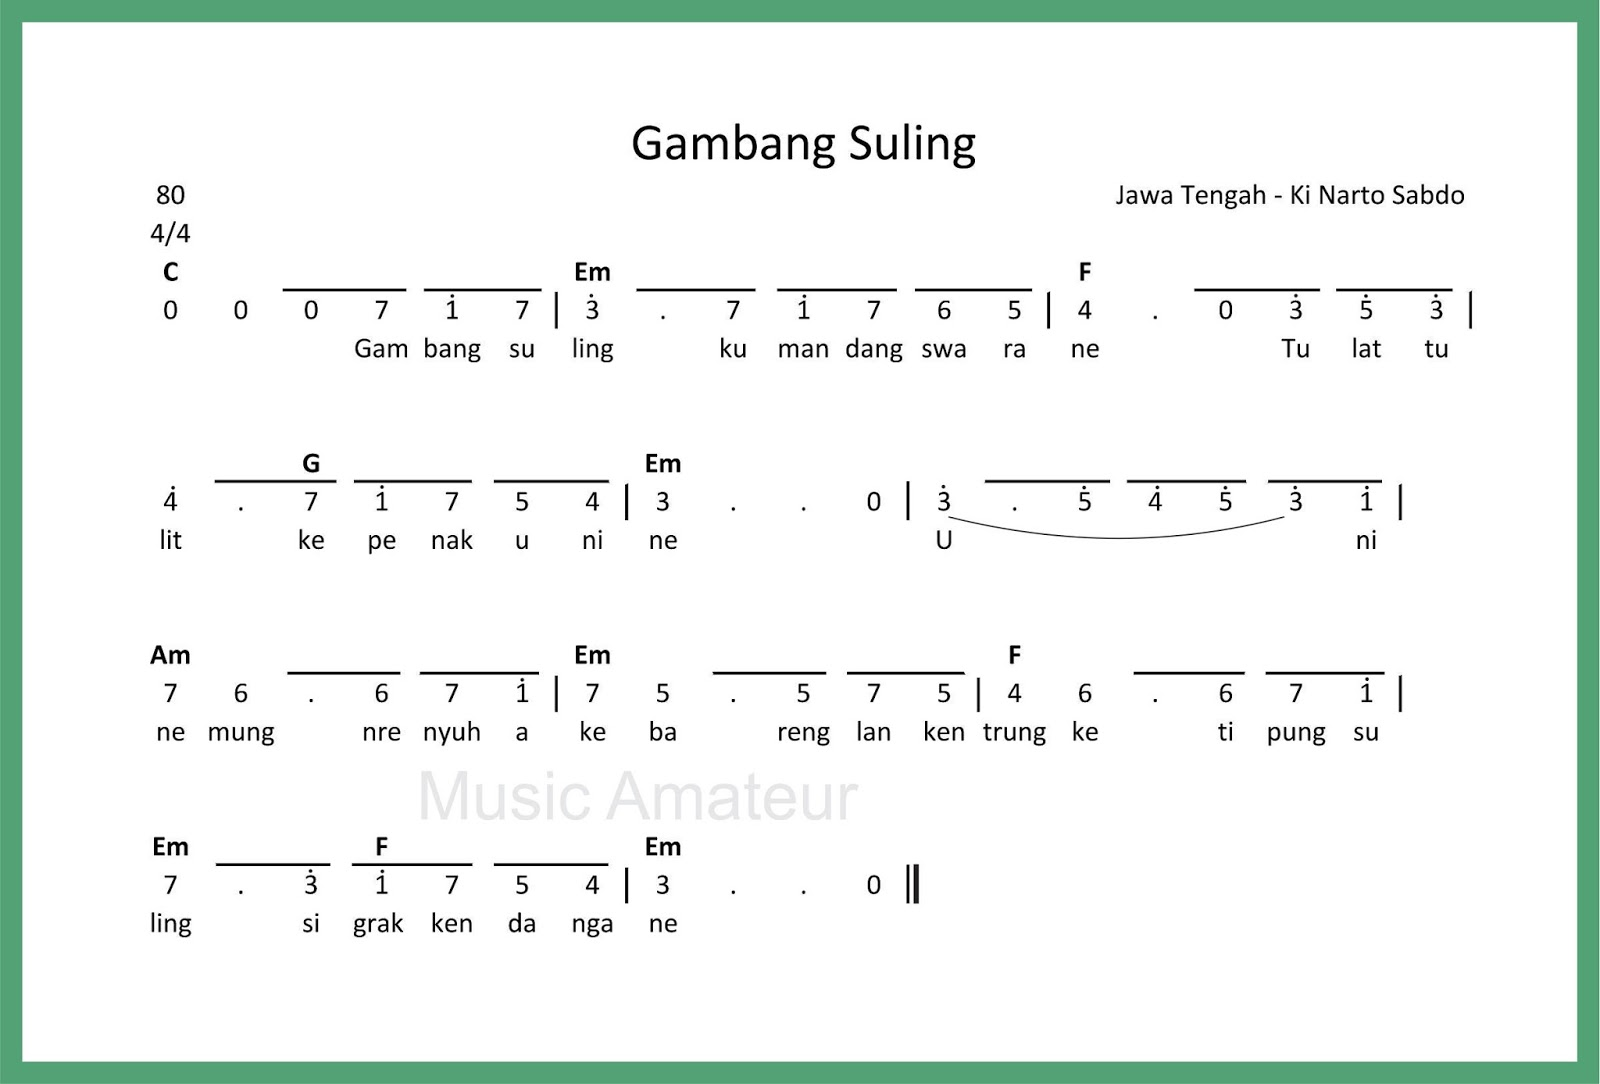 Not Angka Gambang Suling - SEPUTAR MUSIK